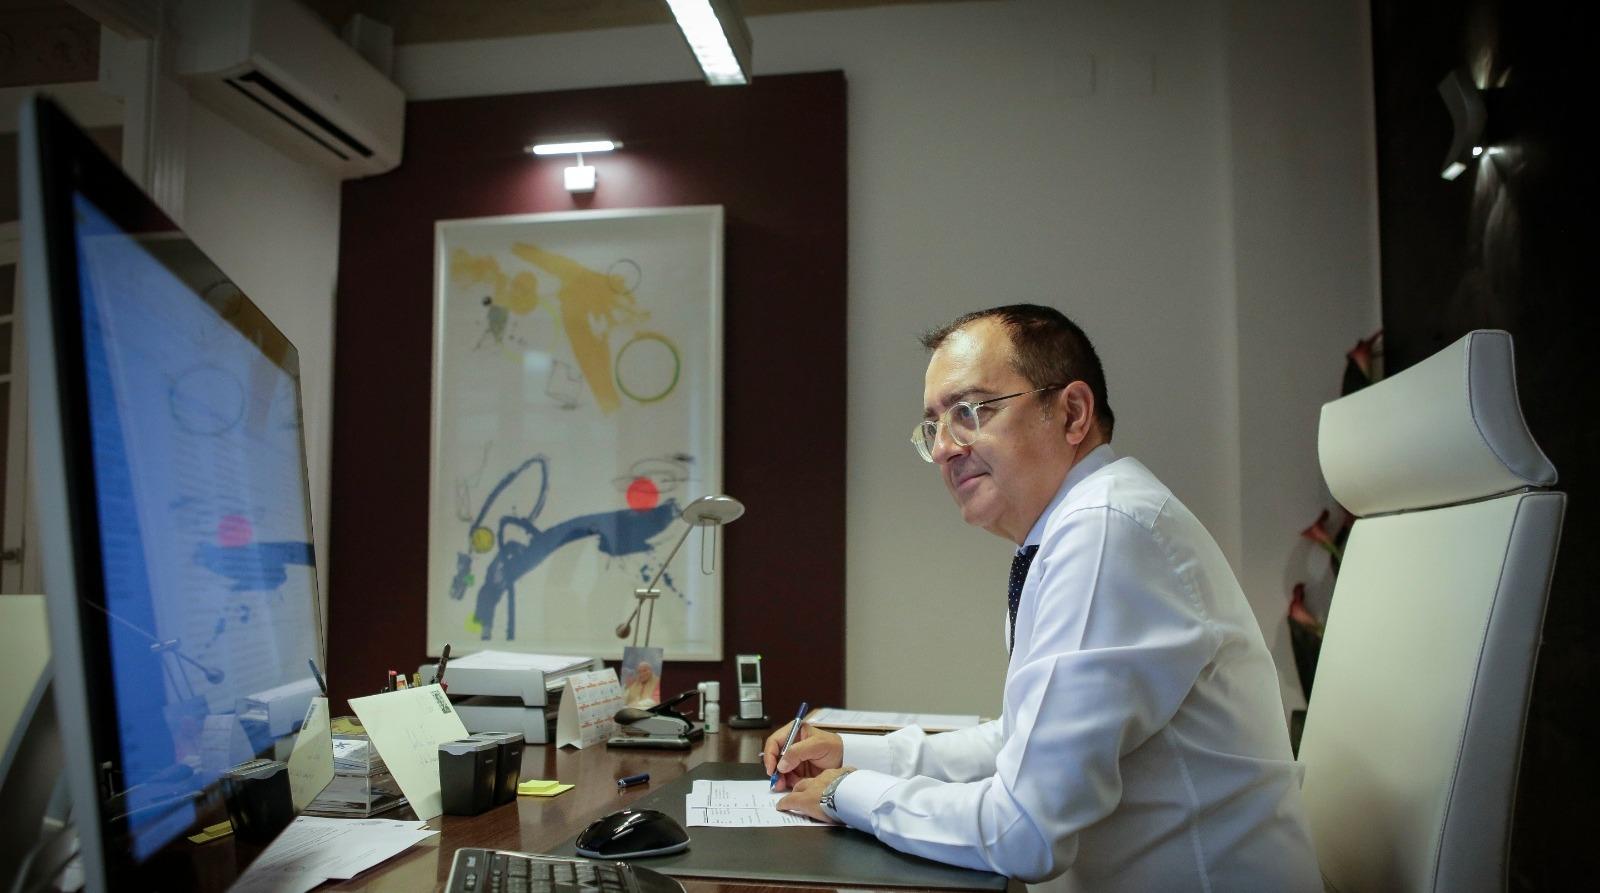 """EL MUNDO: Carlos Fornes: """"Las condiciones laborales en la sanidad abocan a una medicina judicializada"""""""